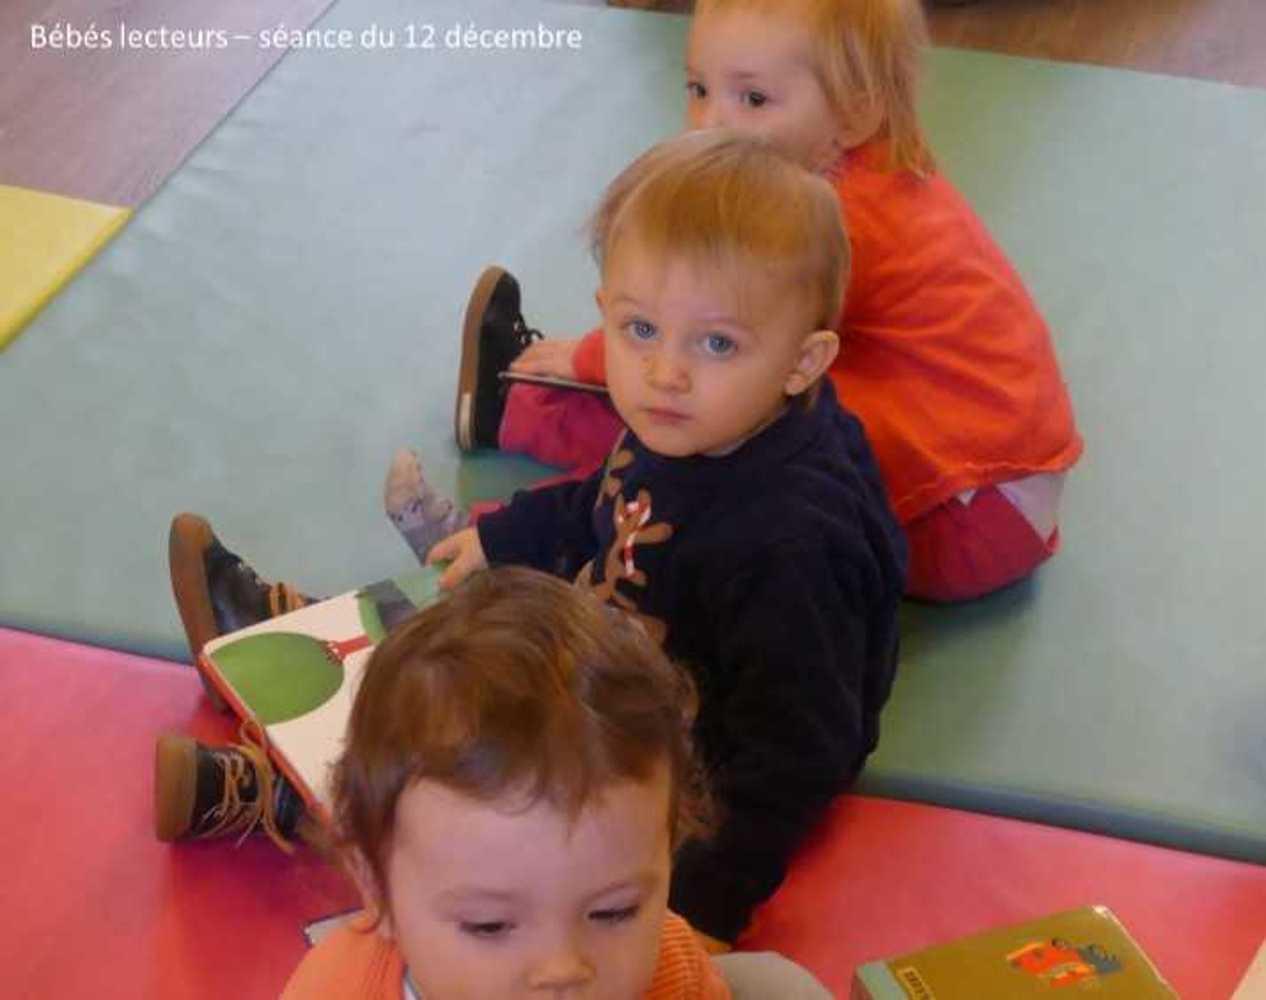 Photos et vidéo de la séance des bébés lecteurs du 12 décembre image5